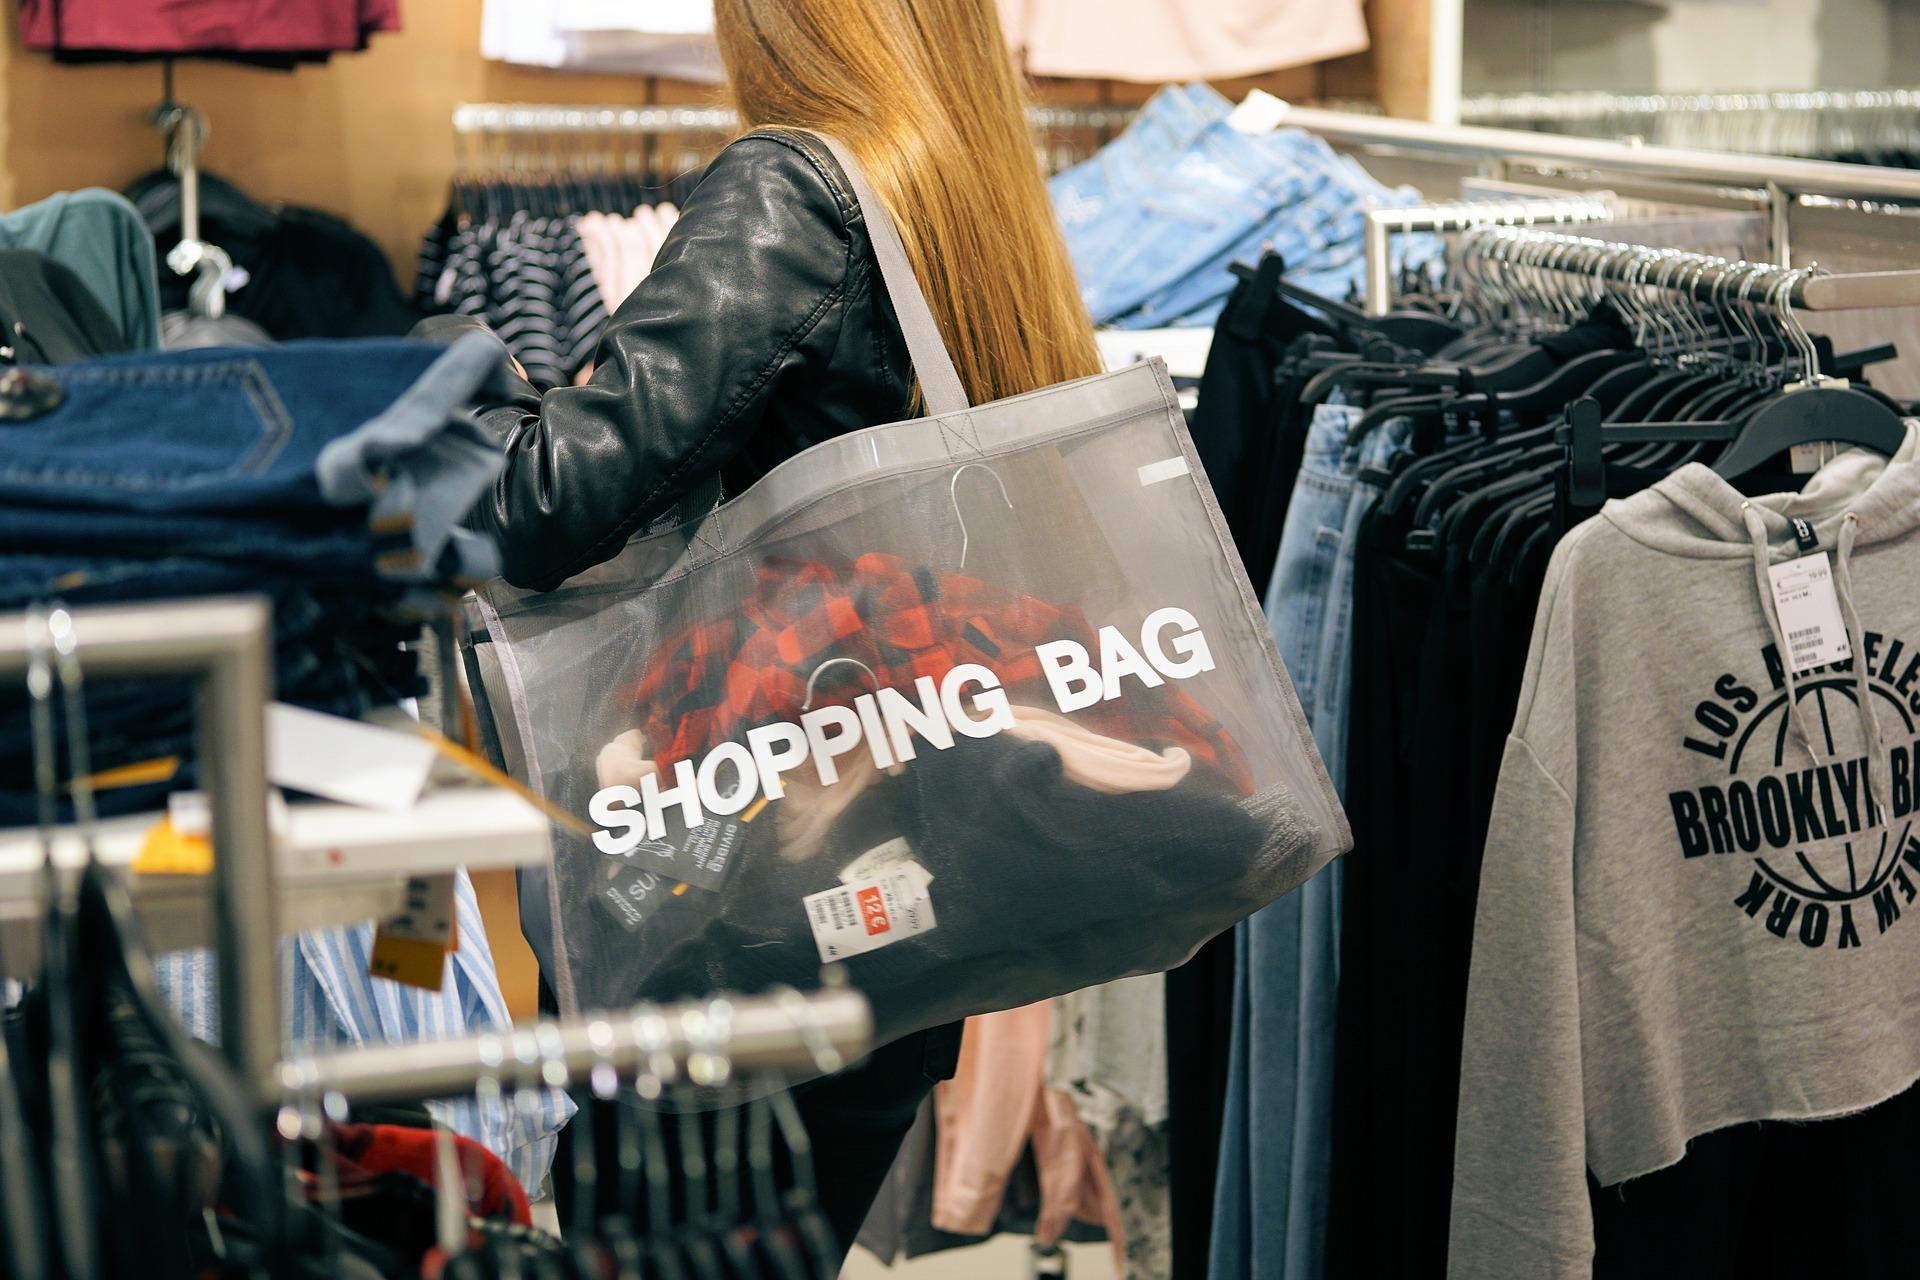 (消費者在購物節的衝動購物後,更多的是退貨。/圖:取自 Pixabay)